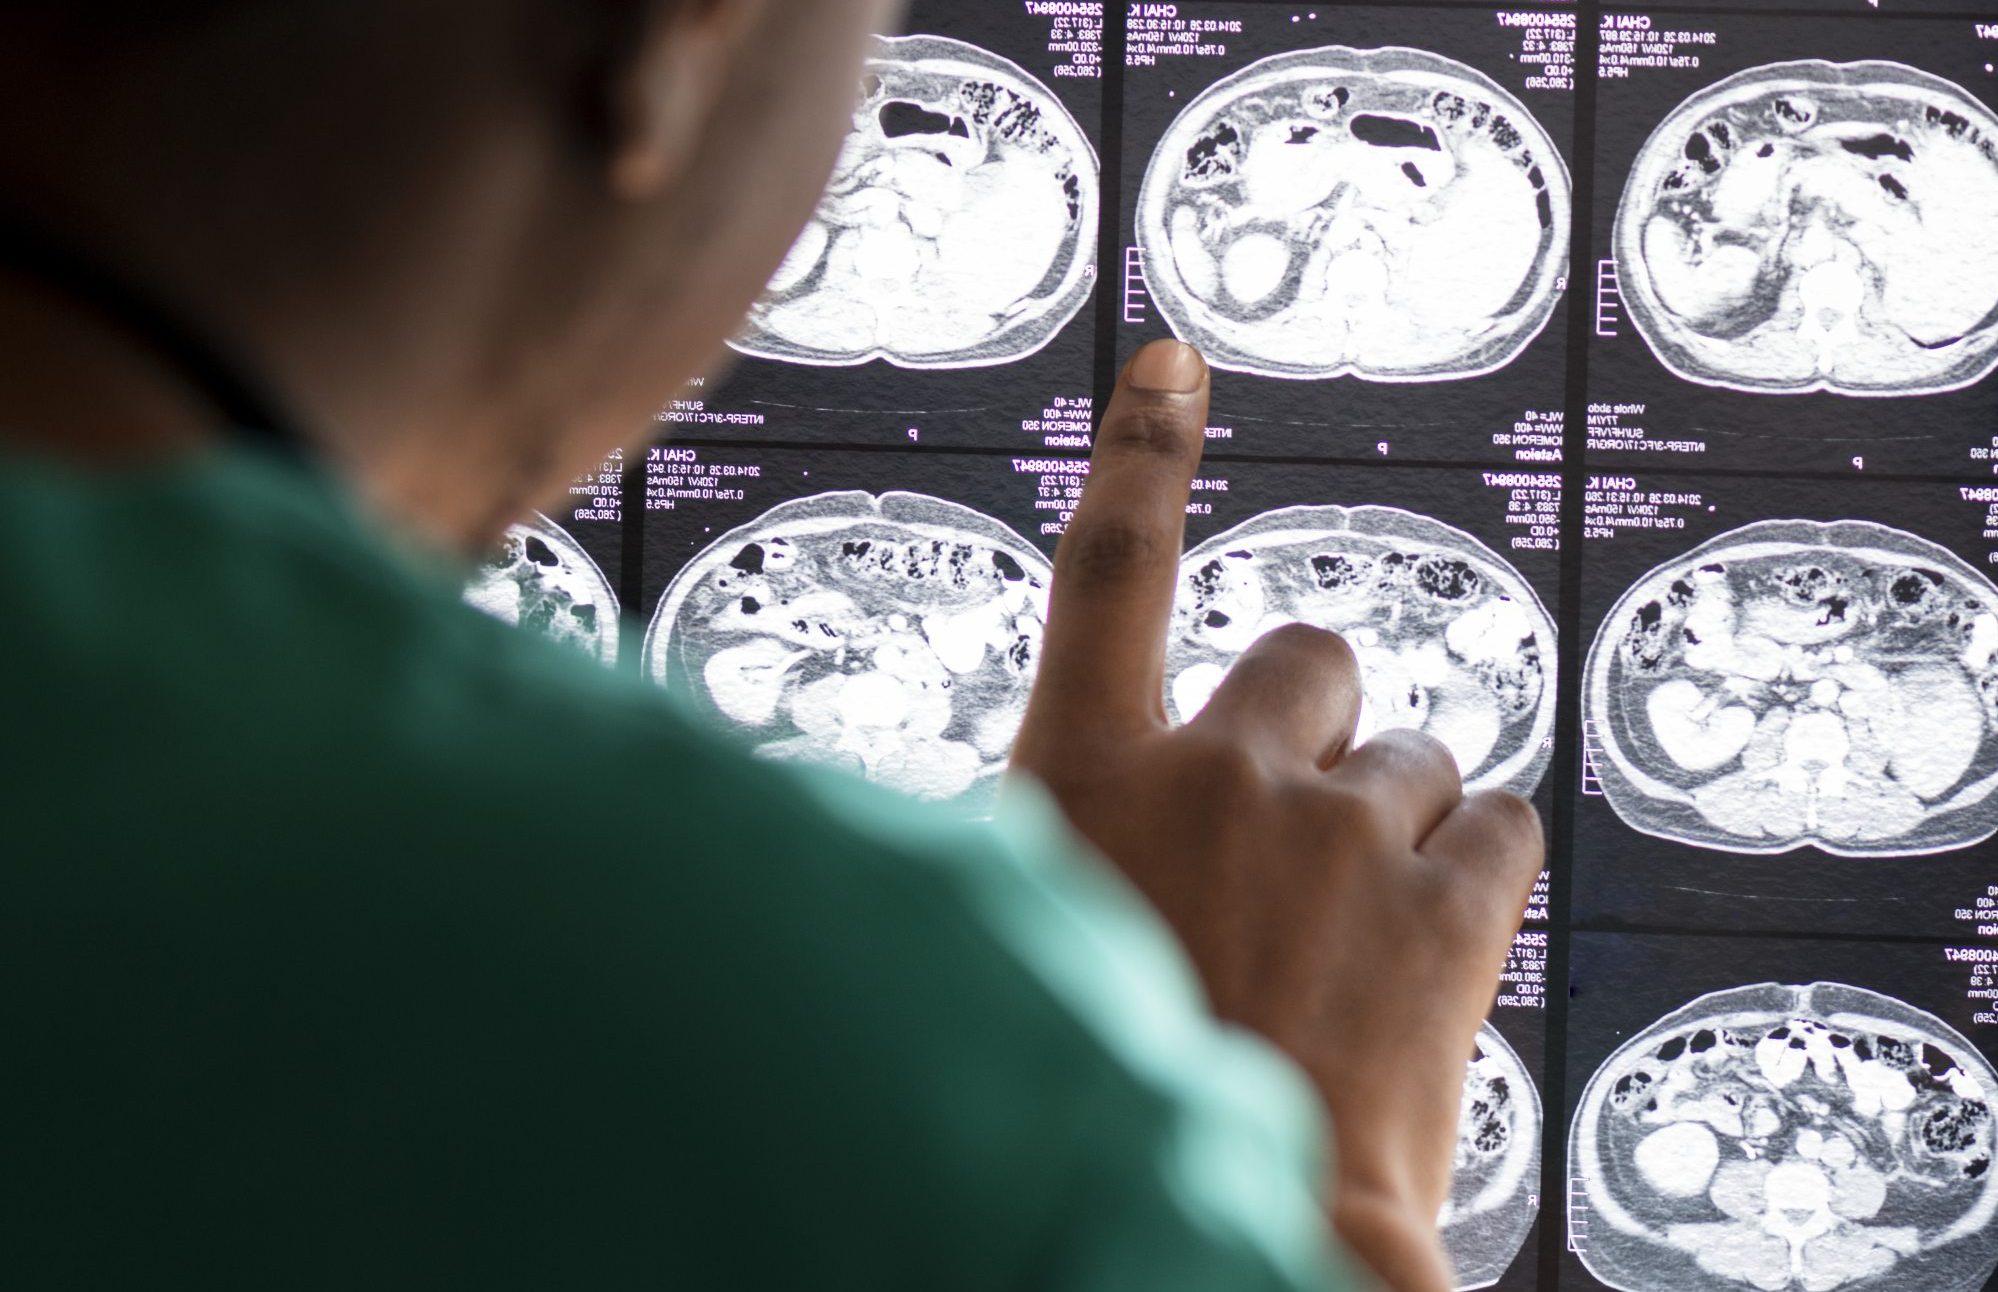 Rehabilitación y recuperación del daño cerebral adquirido